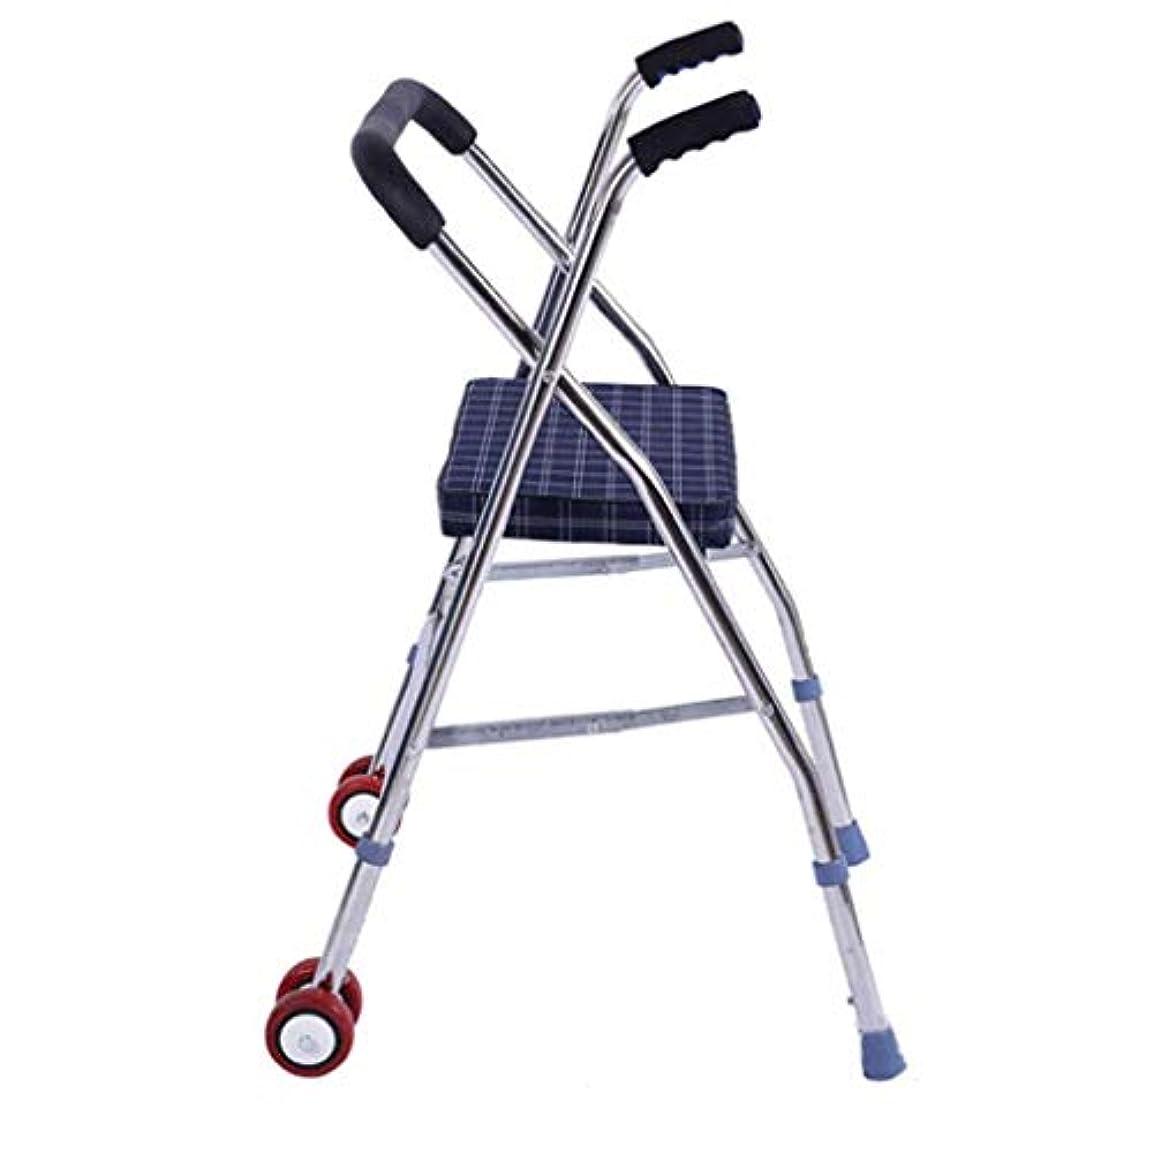 エンジニアリング従順なソフトウェア年配の歩行者、ステンレス鋼の動かされた歩行者調節可能な高さの折り畳み式の軽量の歩行者補助歩行者